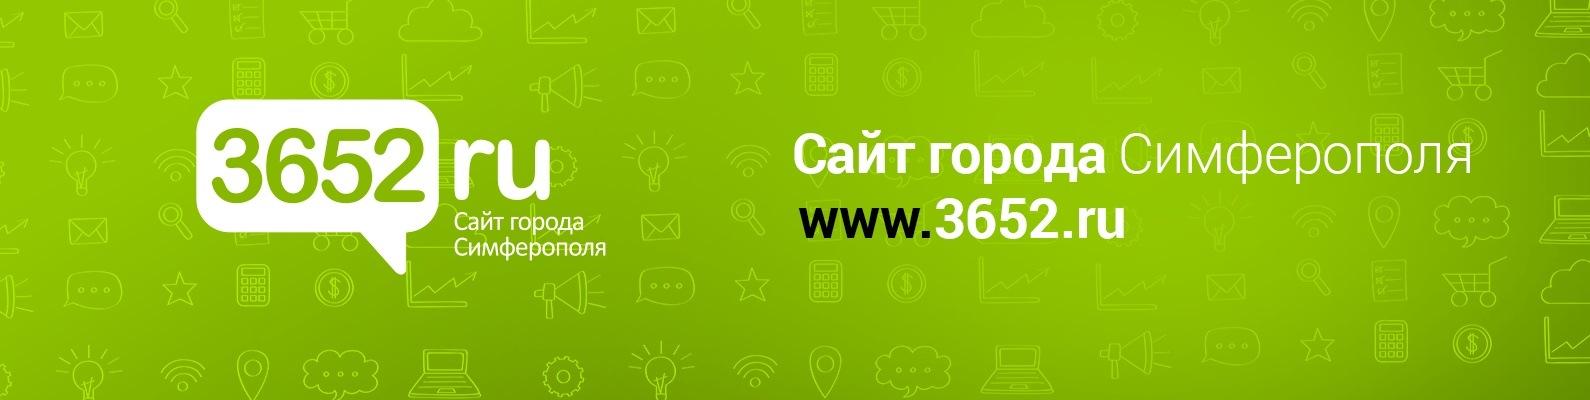 3652 сайт города симферополя новости интересные истории из жизни людей про любовь